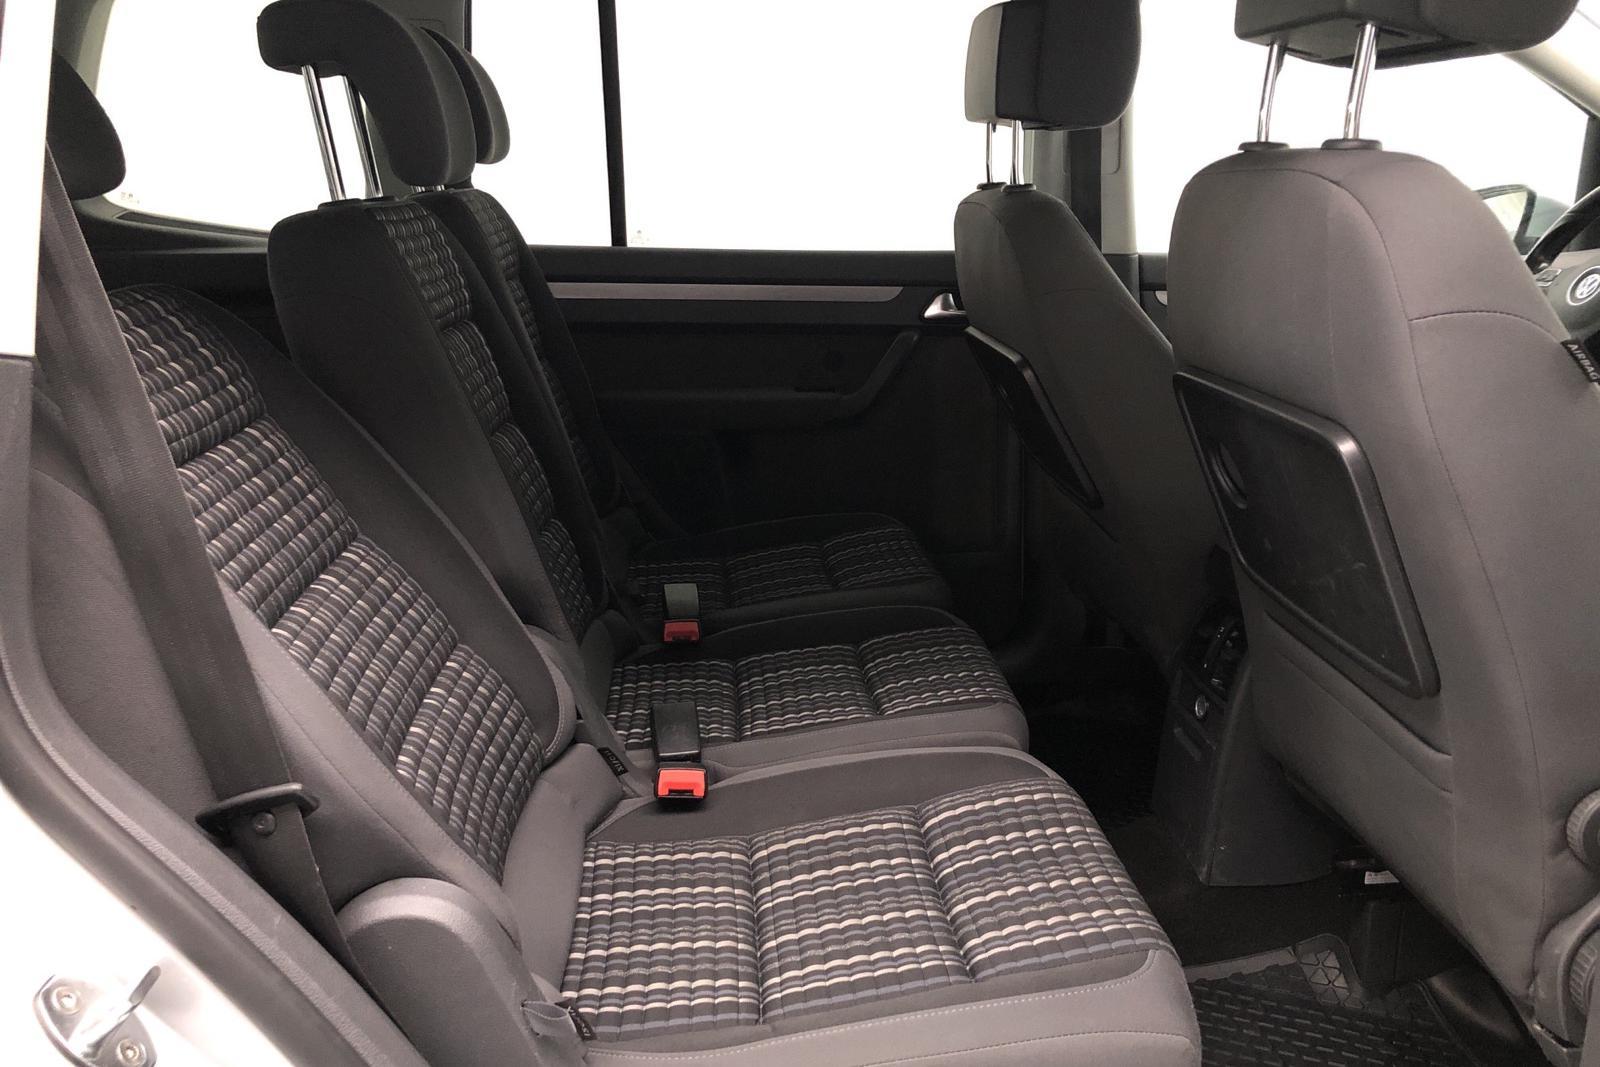 VW CrossTouran 2.0 TDI (140hk) - 147 520 km - Automatic - silver - 2013